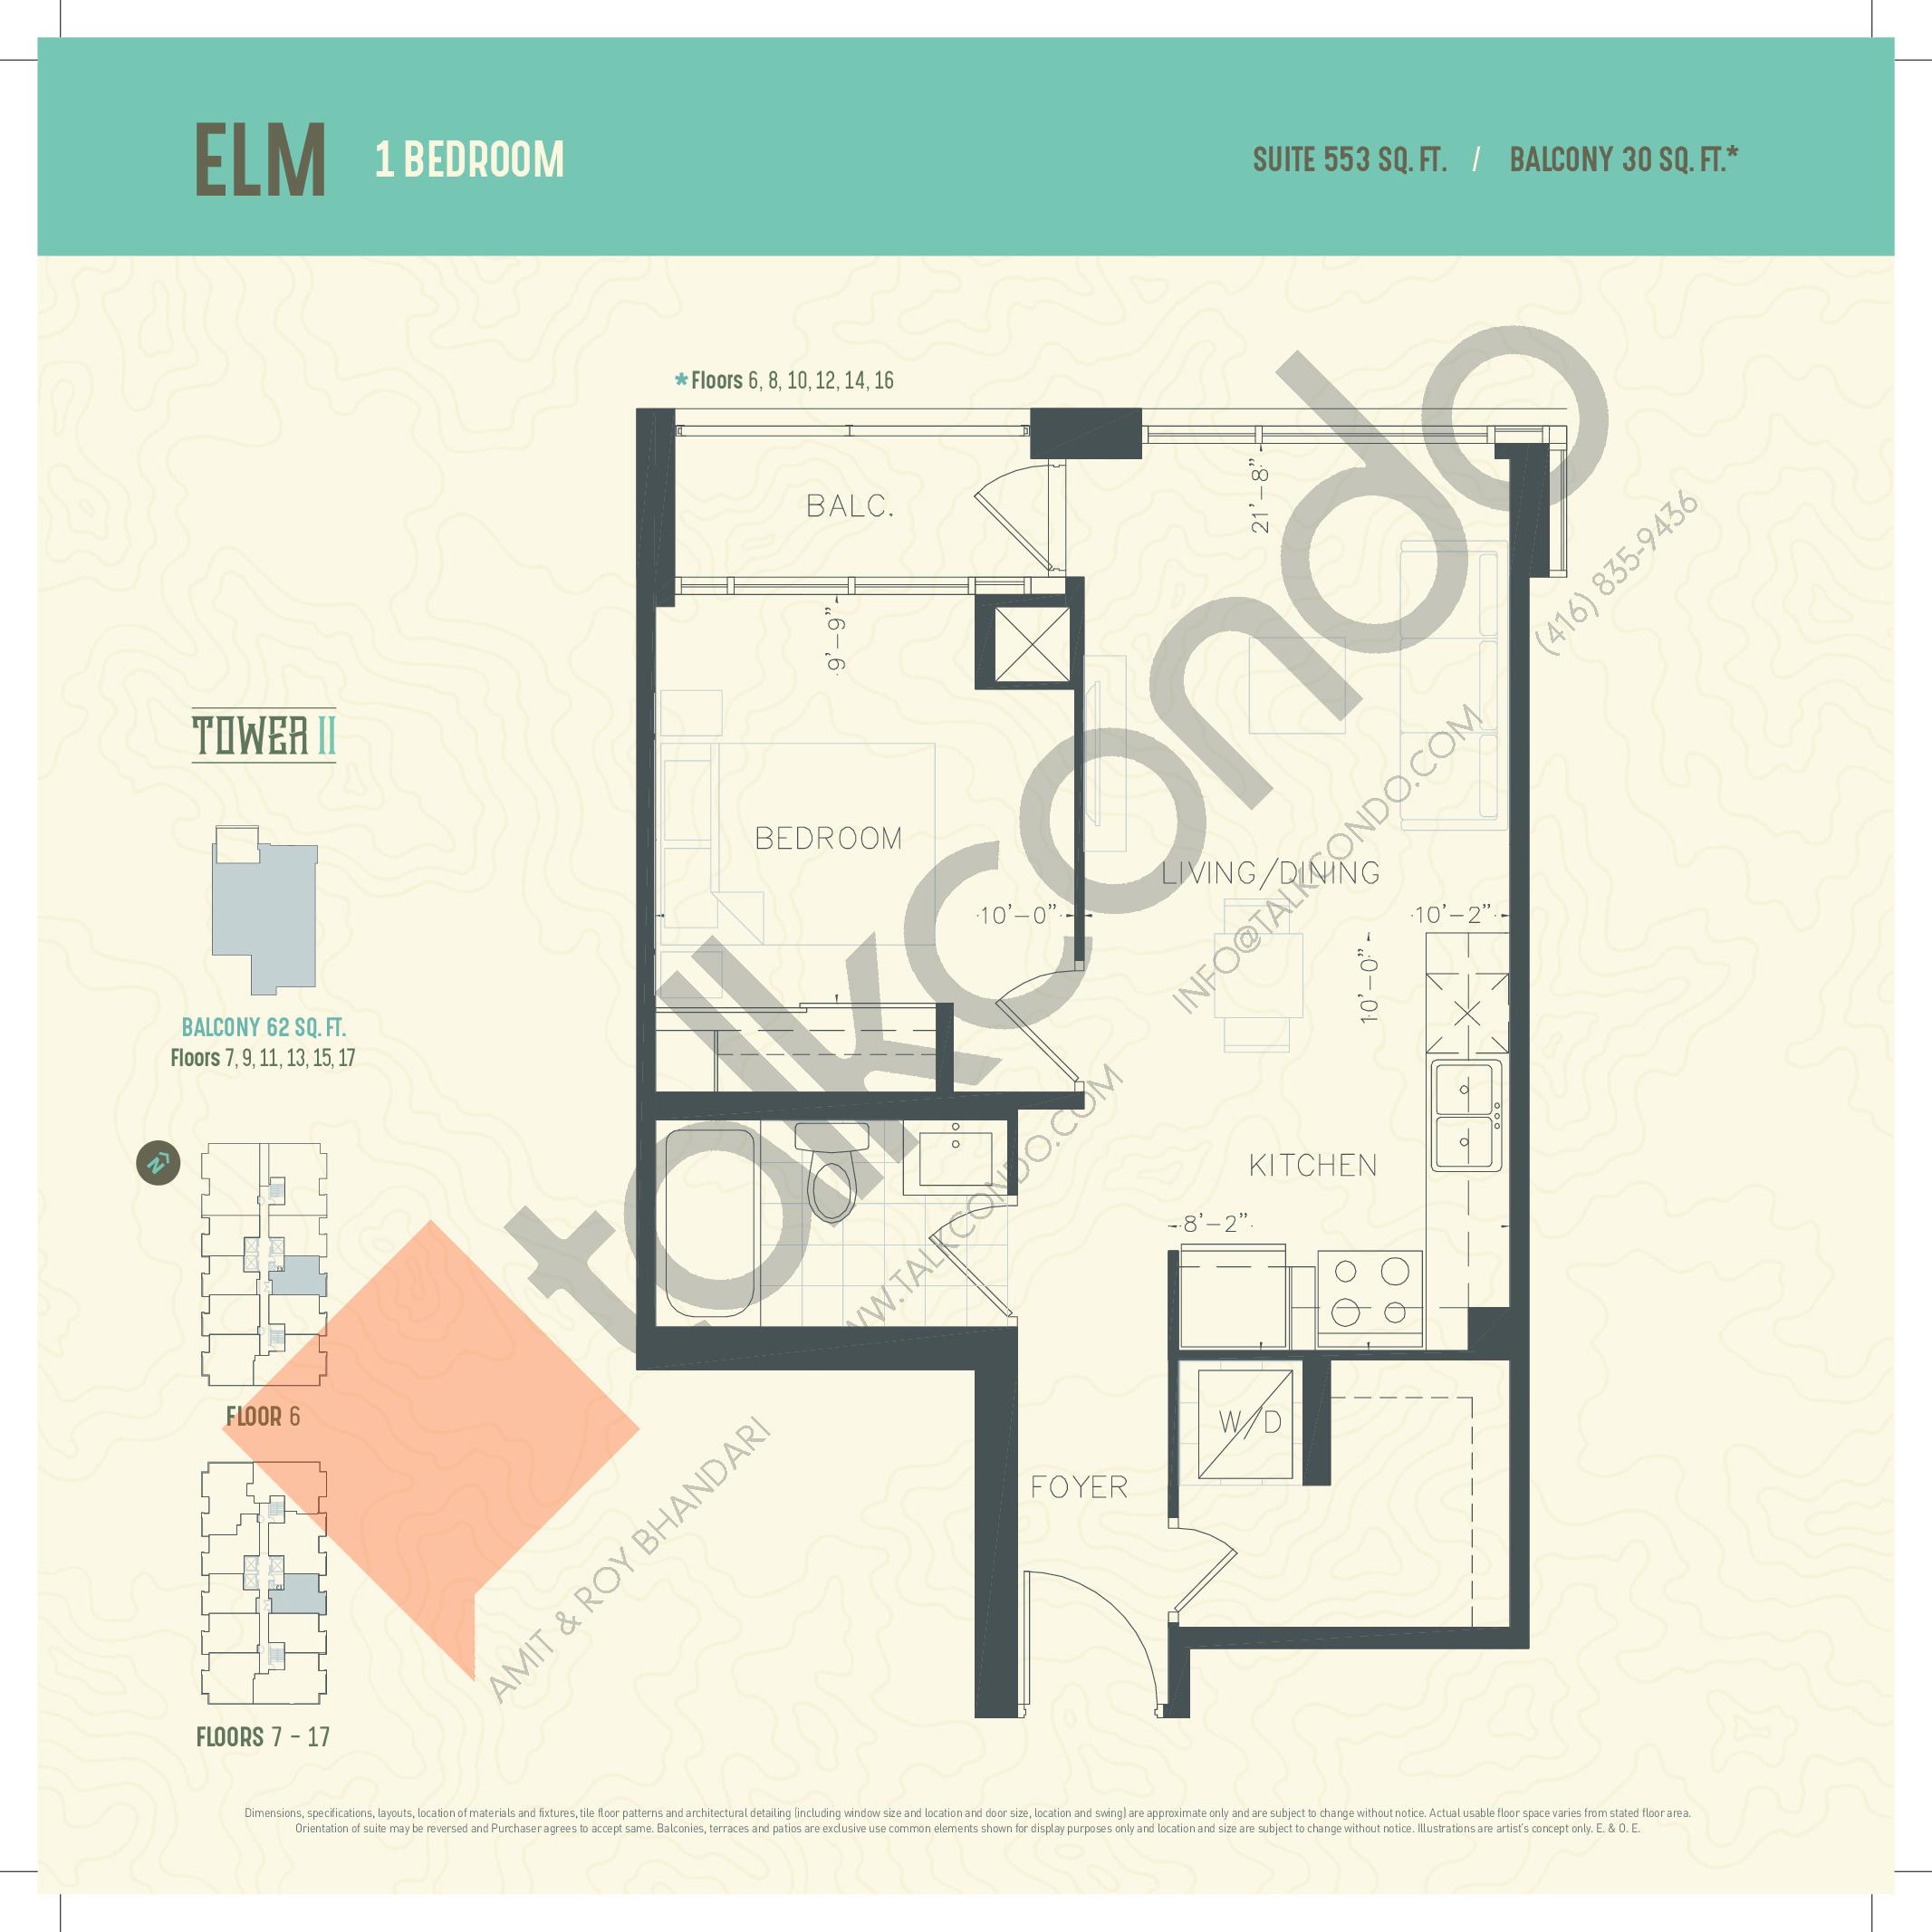 Elm Floor Plan at Oak & Co. 2 Condos - 553 sq.ft